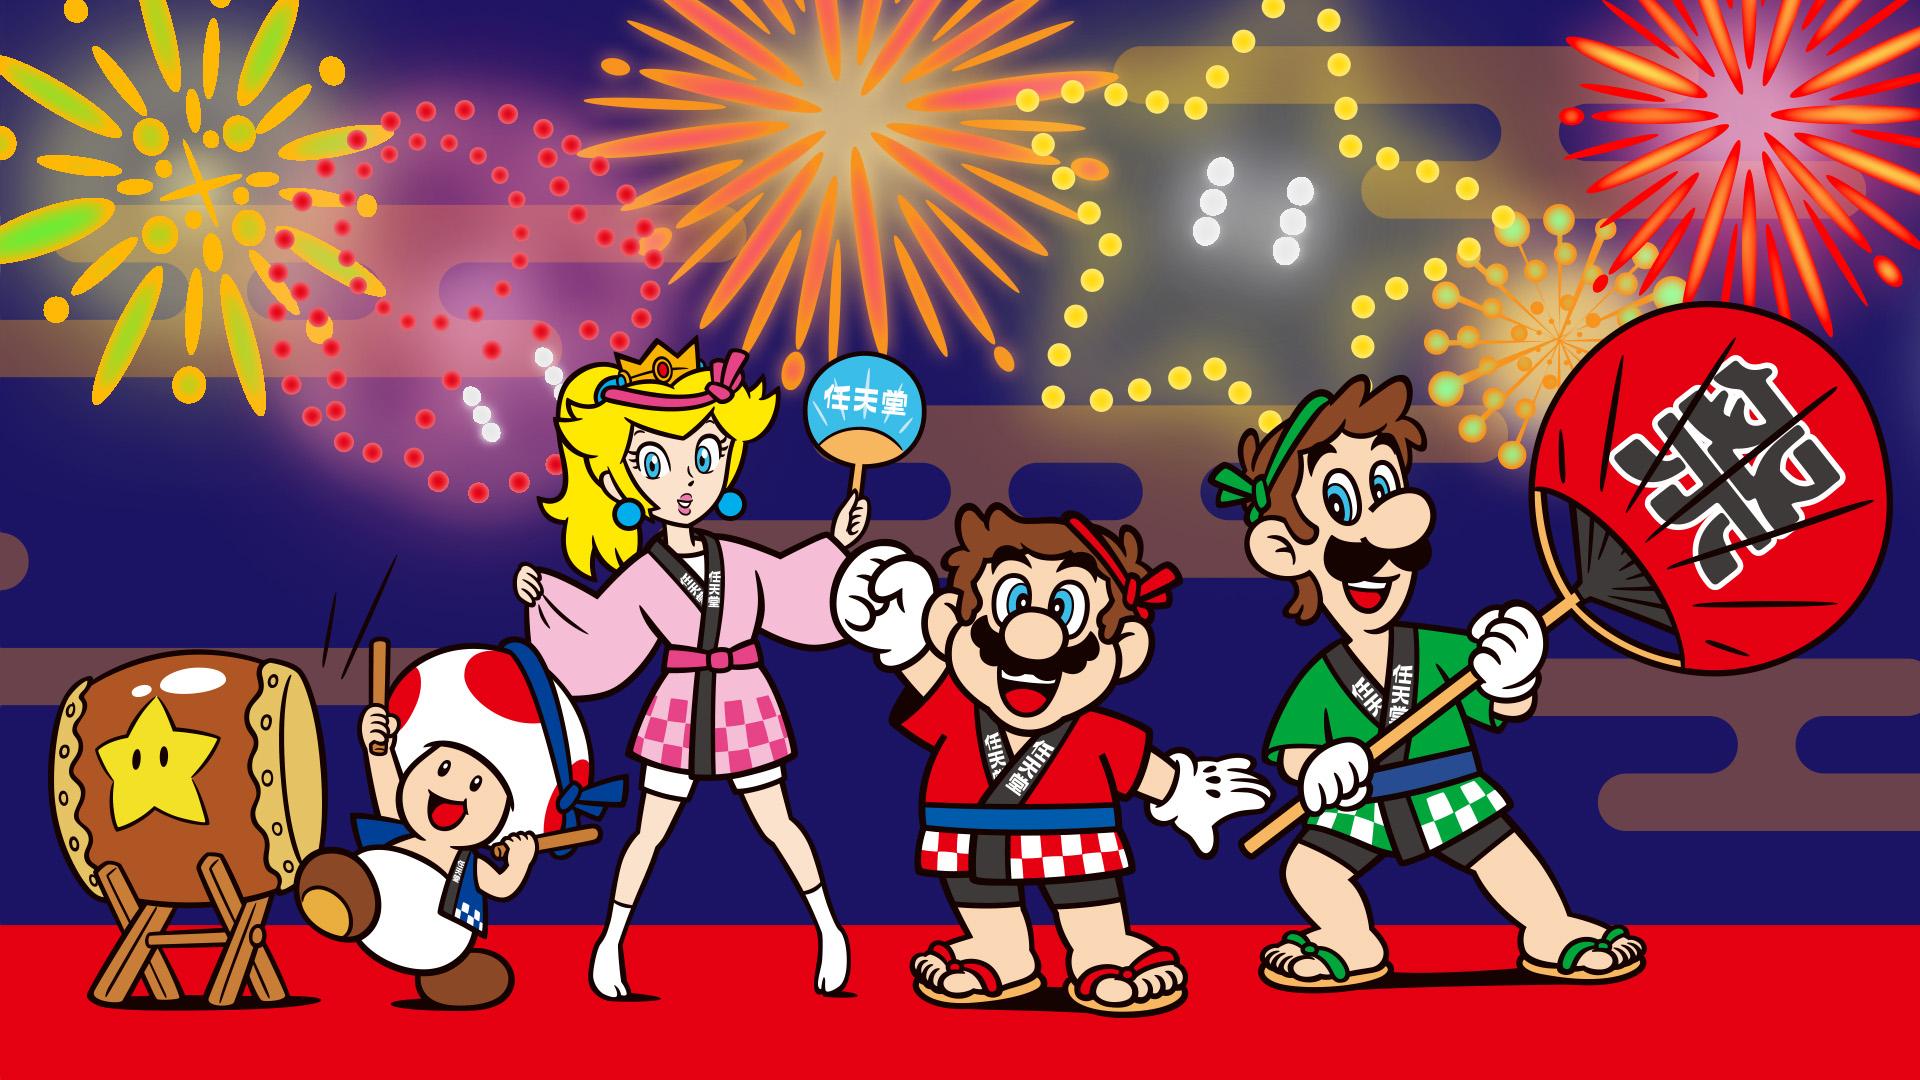 Nintendo Releases Natsu Matsuri Wallpapers